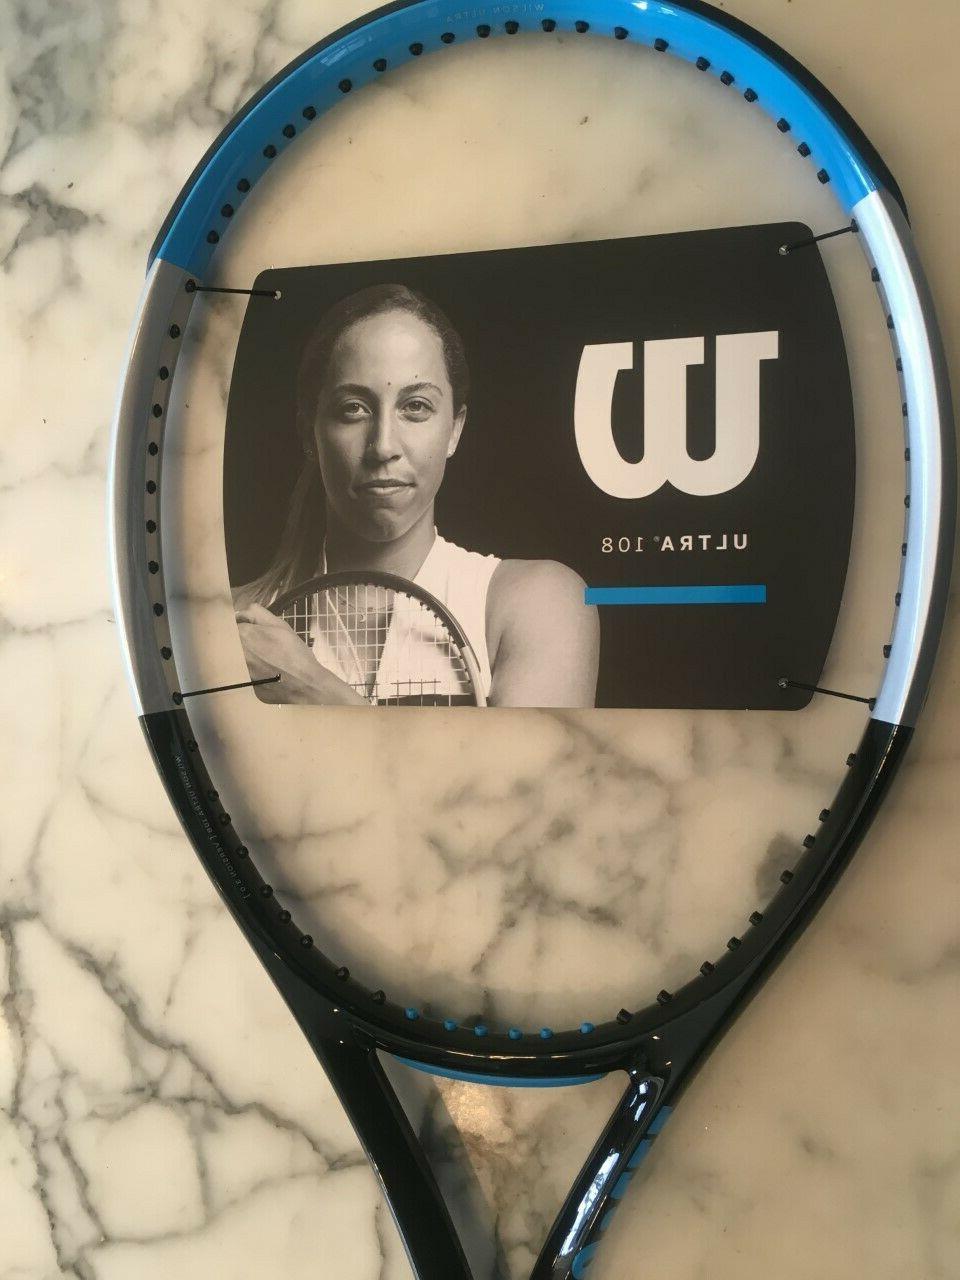 ultra 108 v3 tennis racquet 4 3